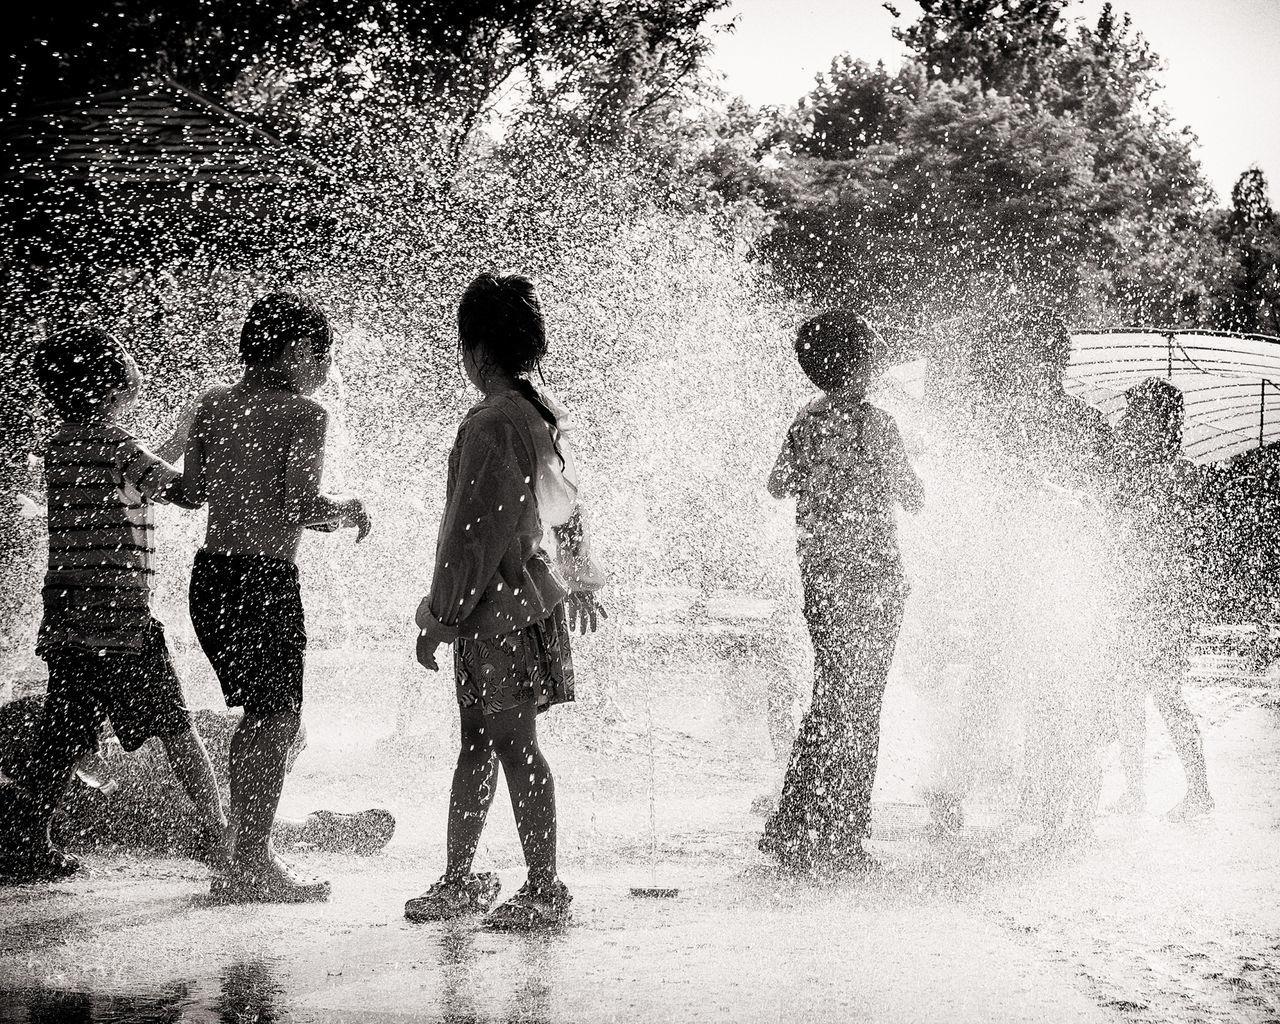 Children playing in splashing water